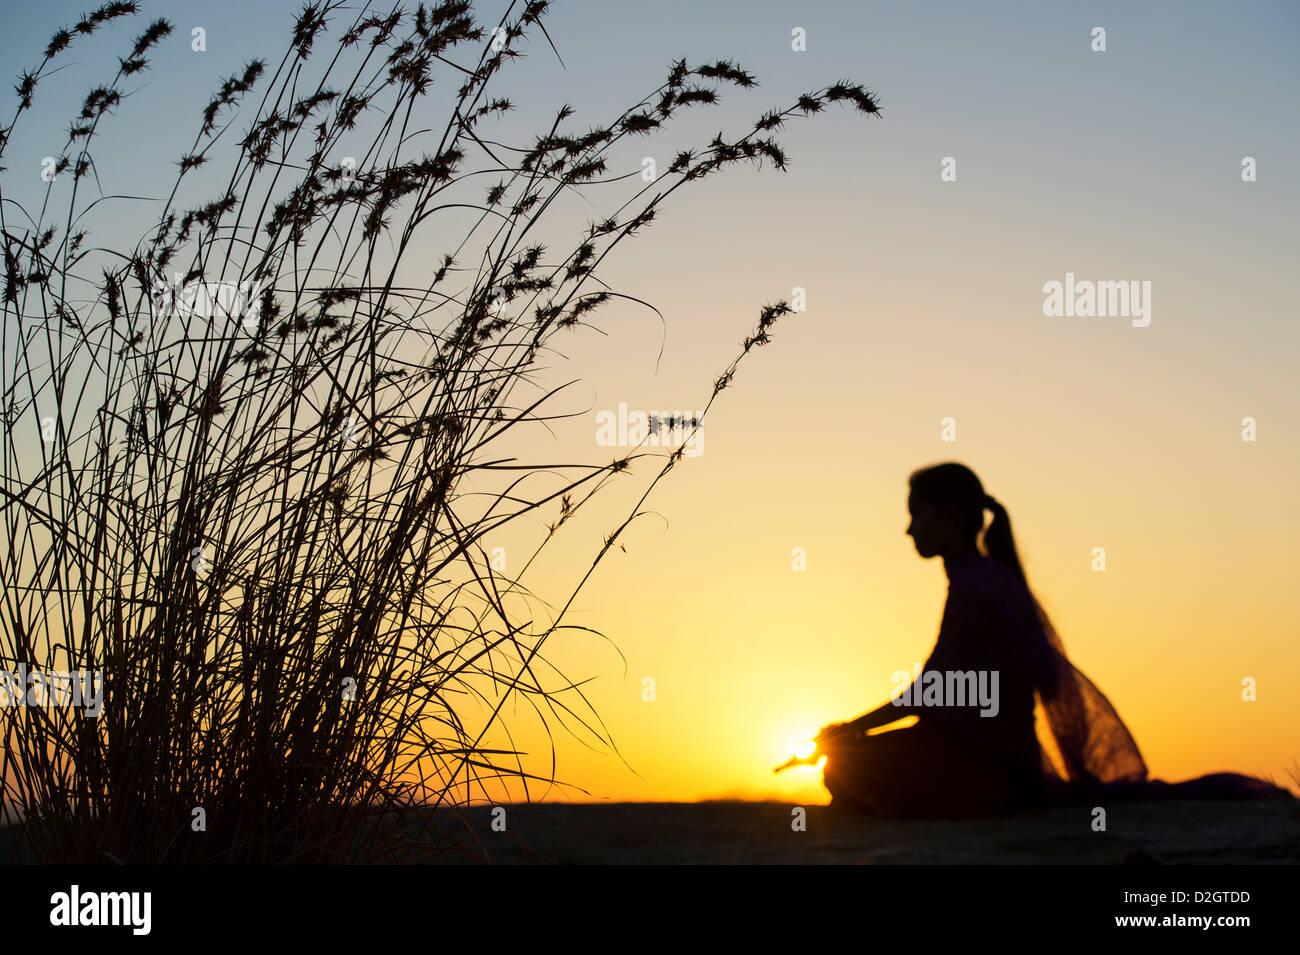 Sunset silhouette di una ragazza indiana meditando. Andhra Pradesh, India Immagini Stock